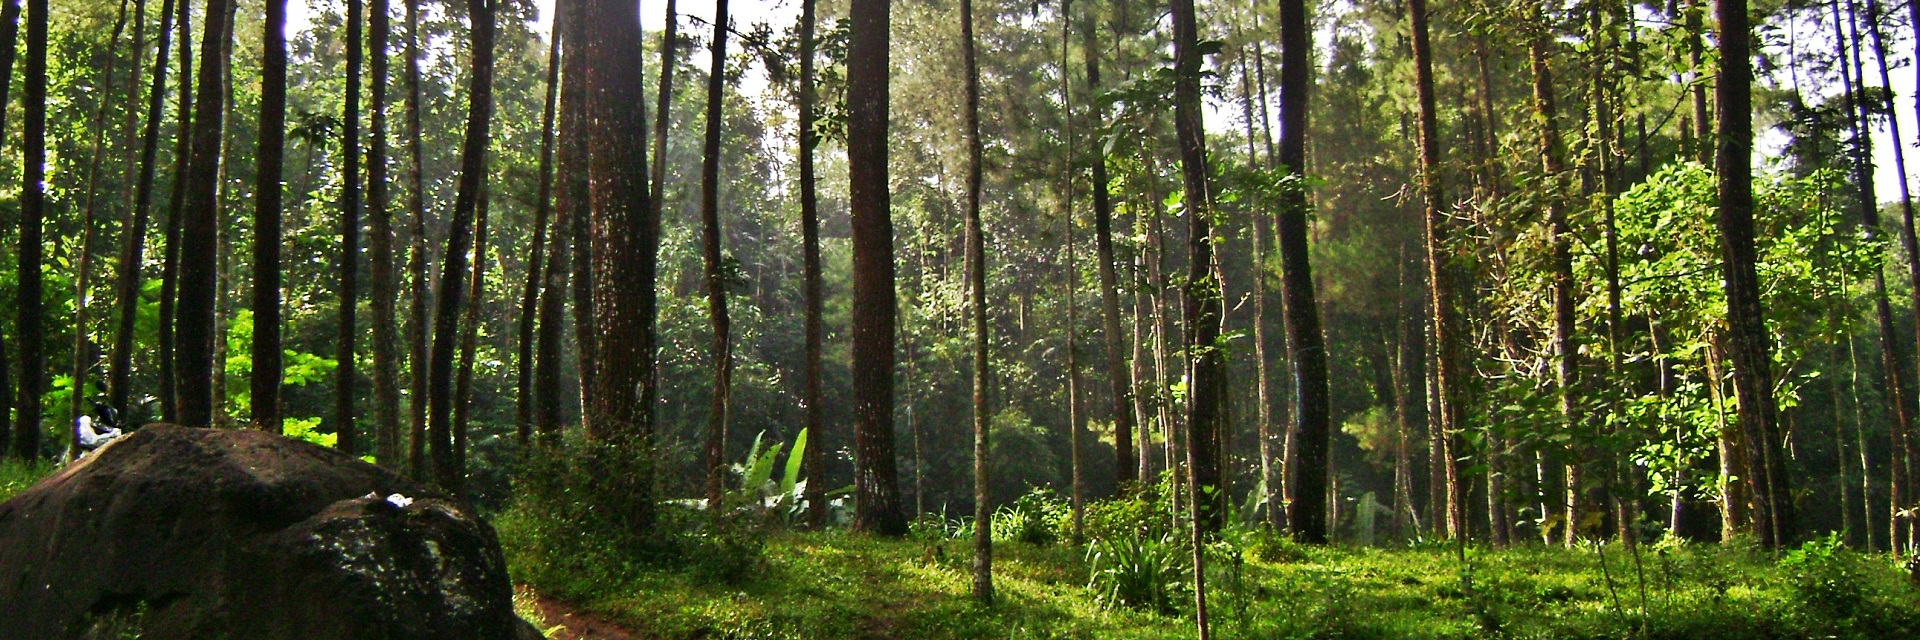 hutan pinus malang, Malang, Malang Raya, Dolan Dolen, Dolaners hutan pinus malang via ganti - Dolan Dolen